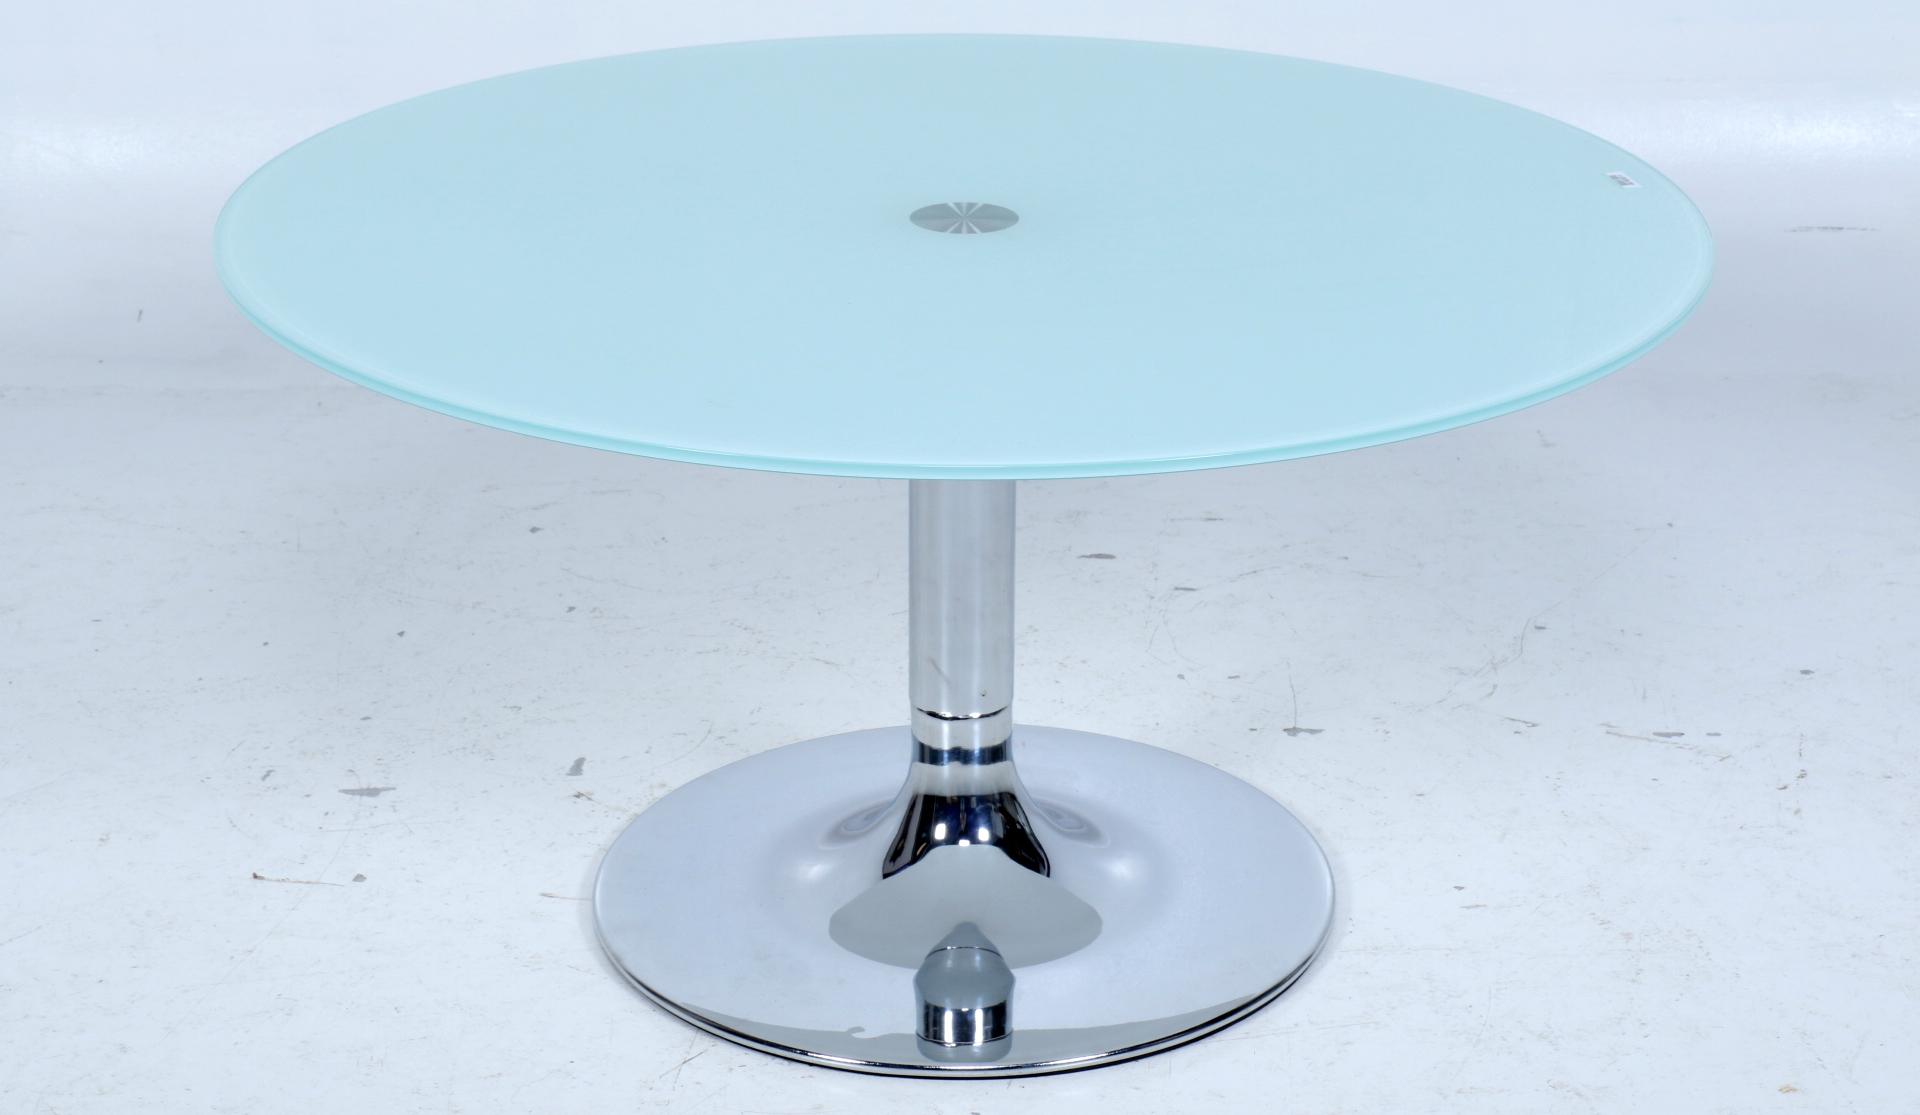 Theetafel Glas Chroom.Van Zadelhoff Veilingen Taxaties